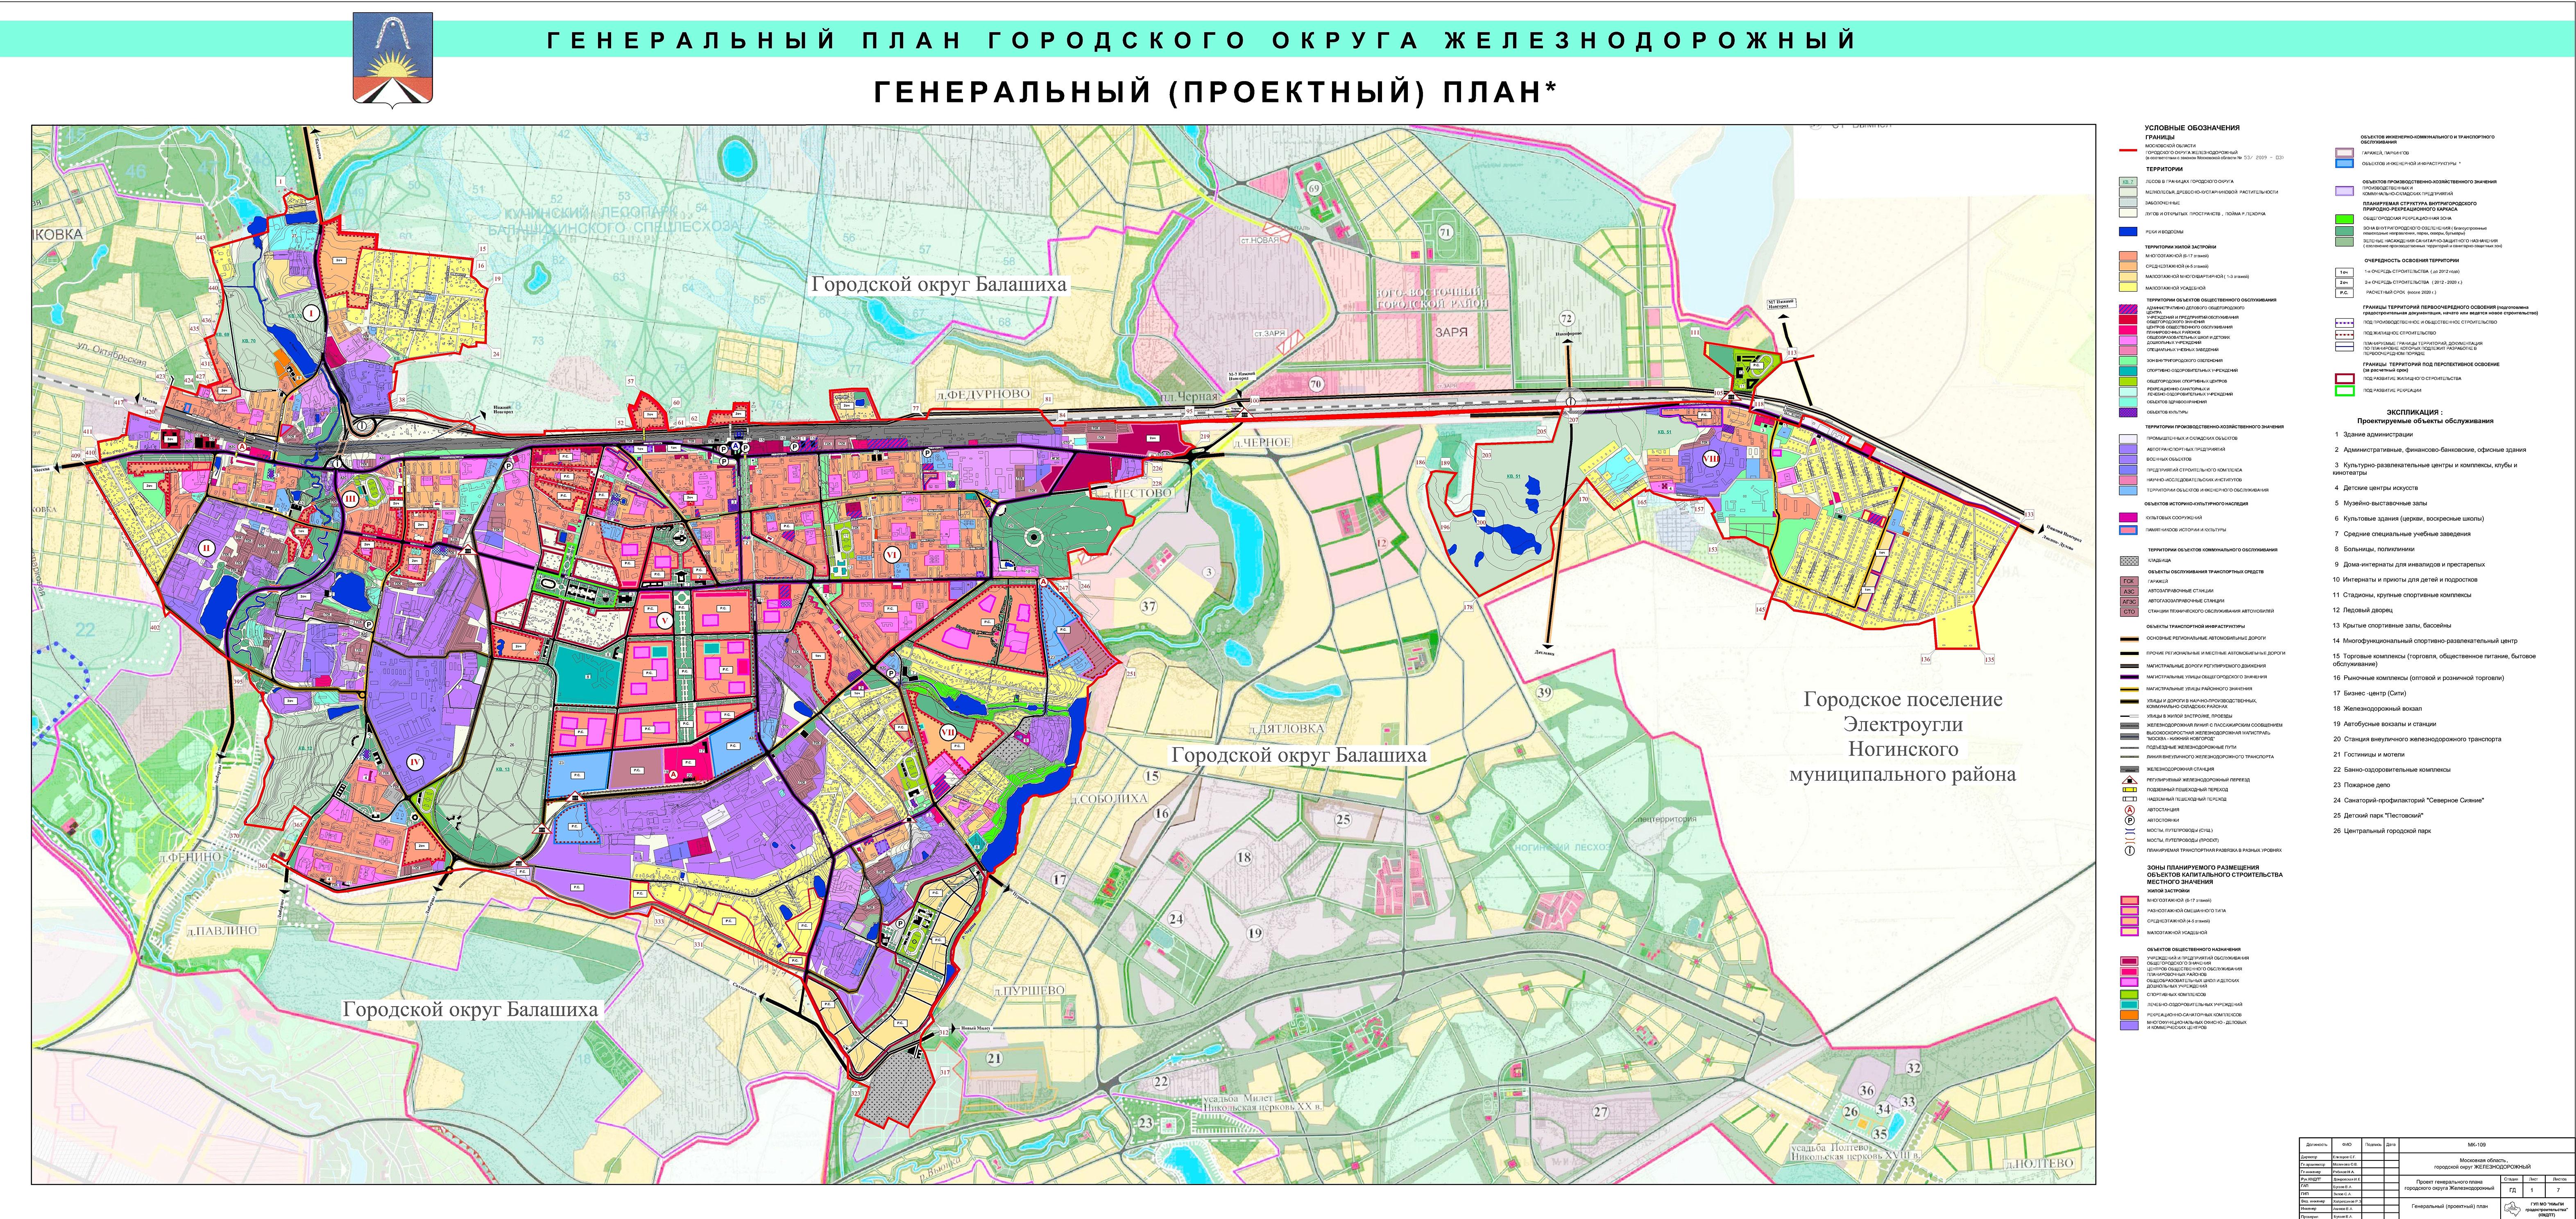 Кадастровый план микрорайона гончарная слобода москвы